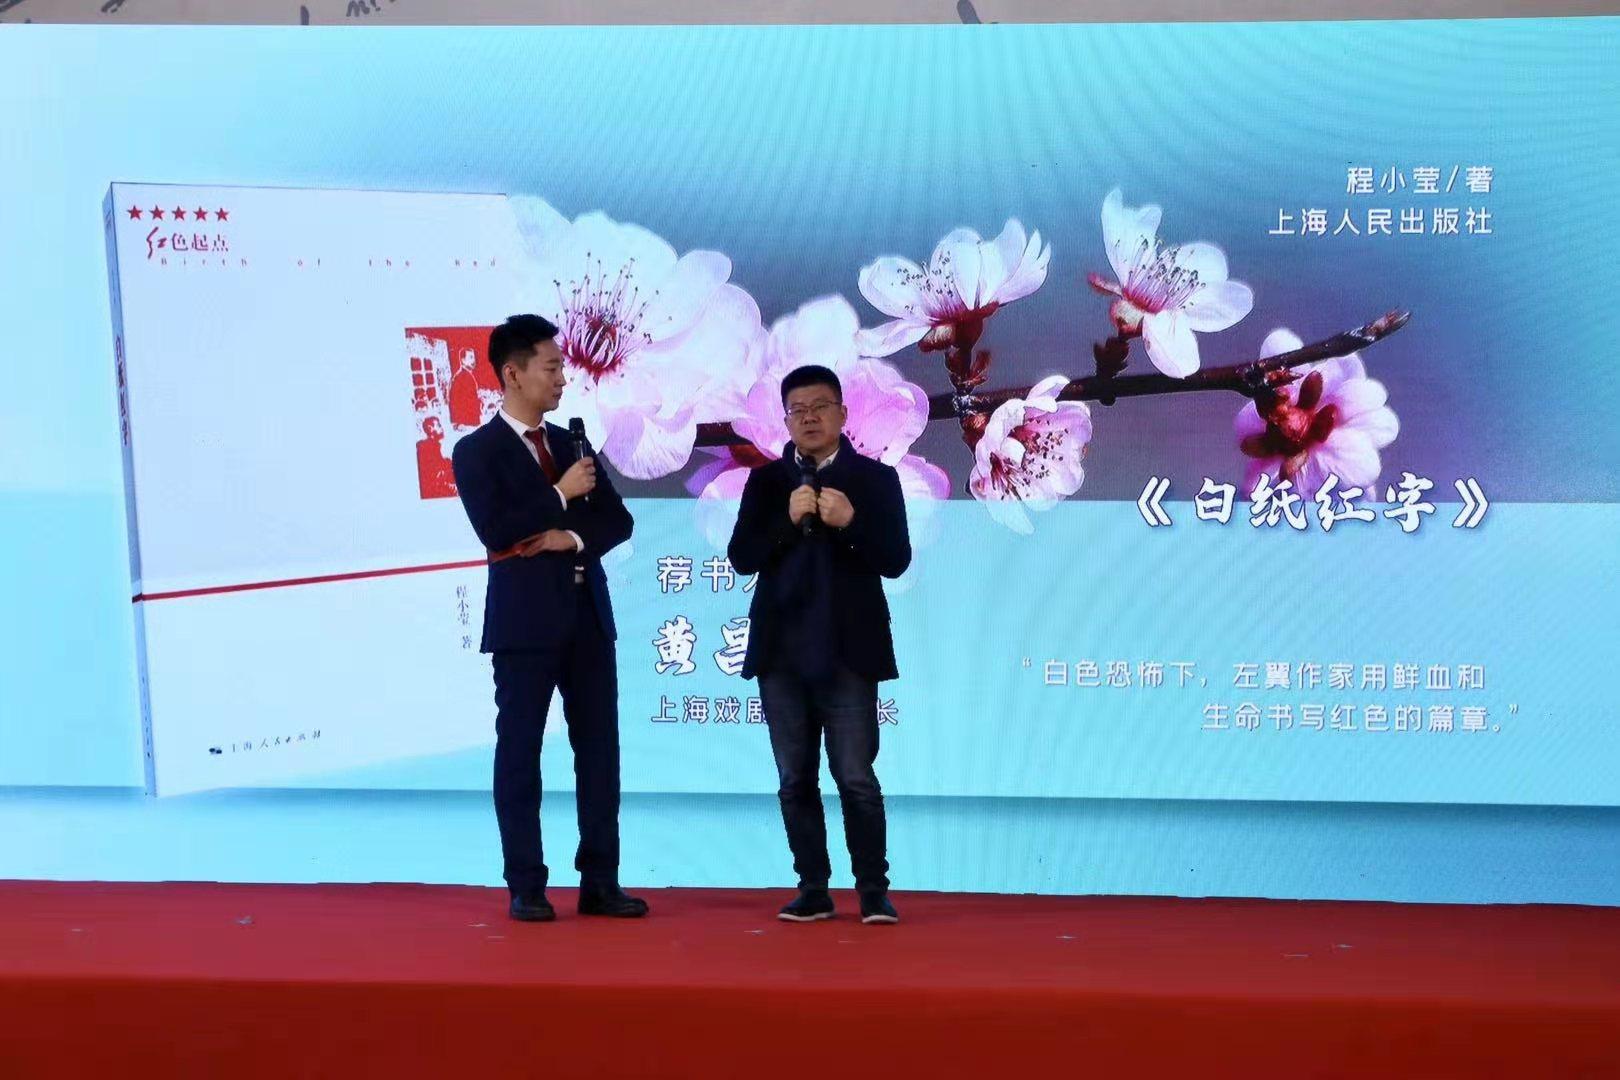 上海戏剧学院院长黄昌勇推荐书籍《白纸红字》.jpg